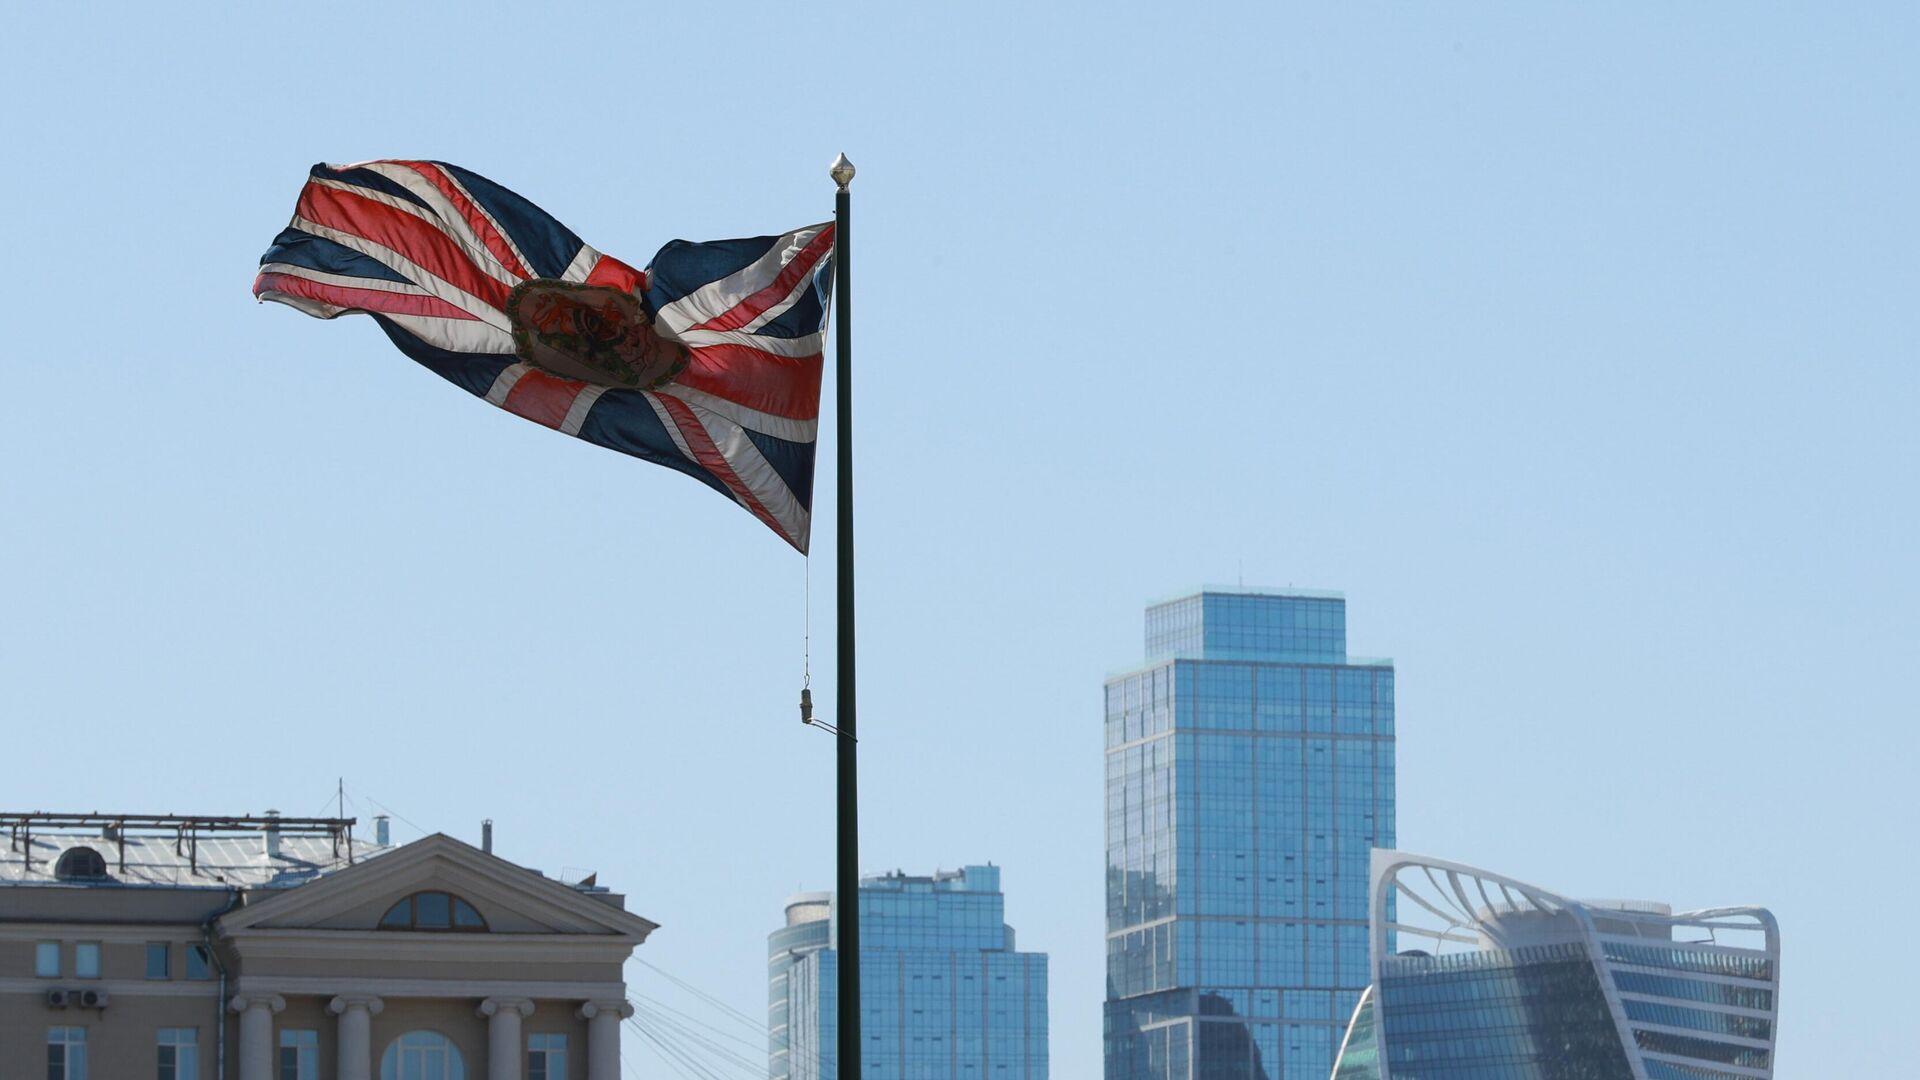 Зарубежные дипломаты прибыли в посольство Великобритании в Москве - РИА Новости, 1920, 20.08.2021